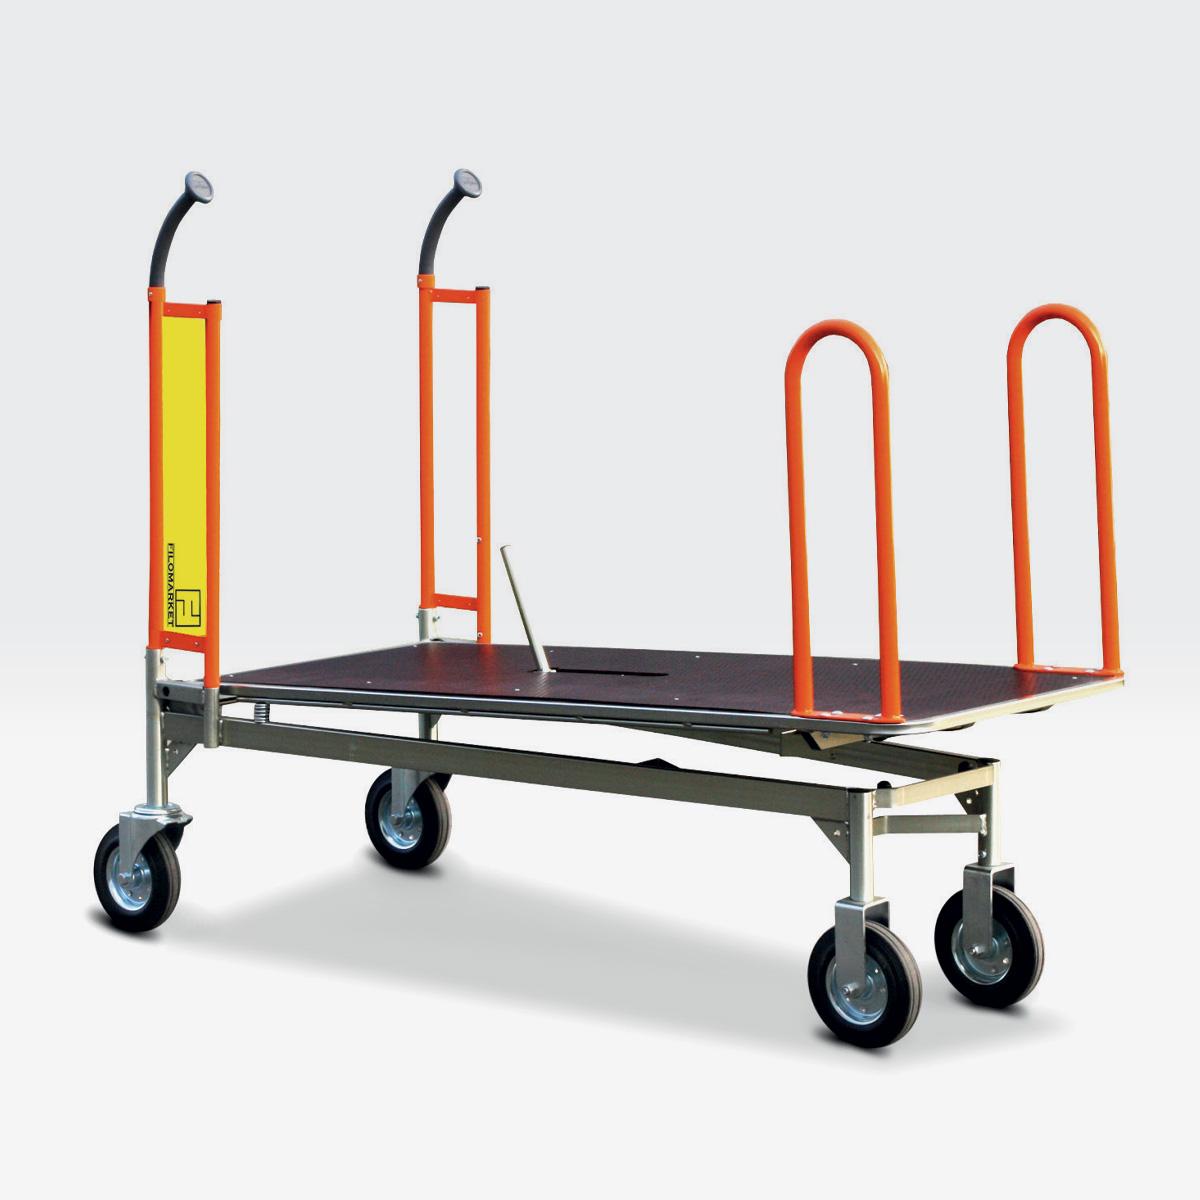 Carrello per magazzino con ruote CARRY 160